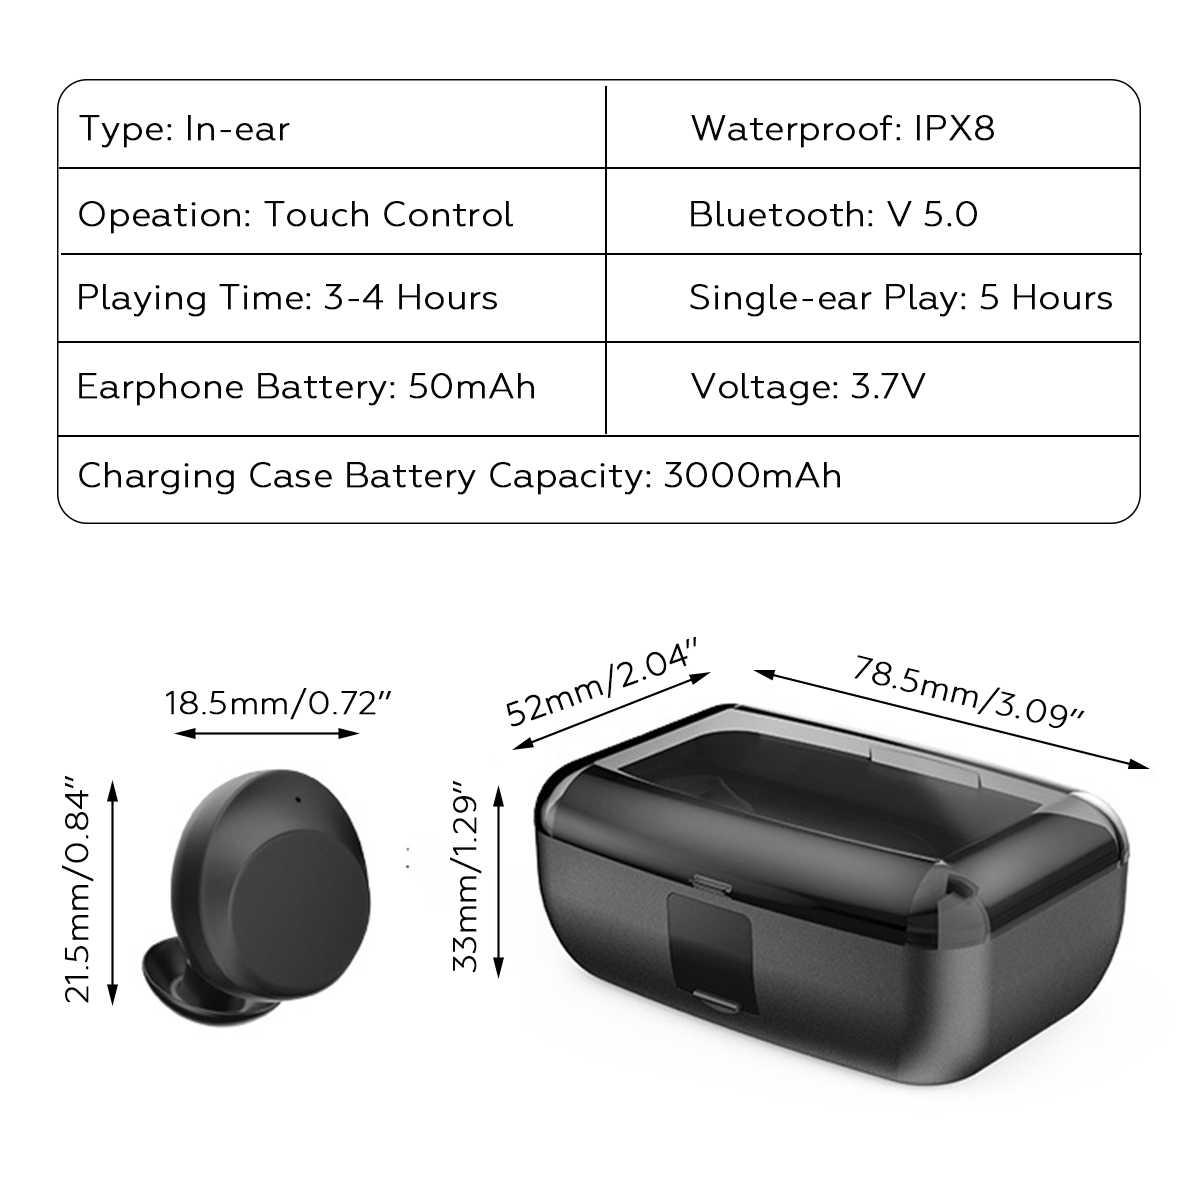 Bluetooth 5.0 tura bezprzewodowe słuchawki Mini słuchawki TWS bezprzewodowe stereofoniczne IPX8 sportowe pływanie zestaw słuchawkowy 3000 mAh skrzynka ładująca